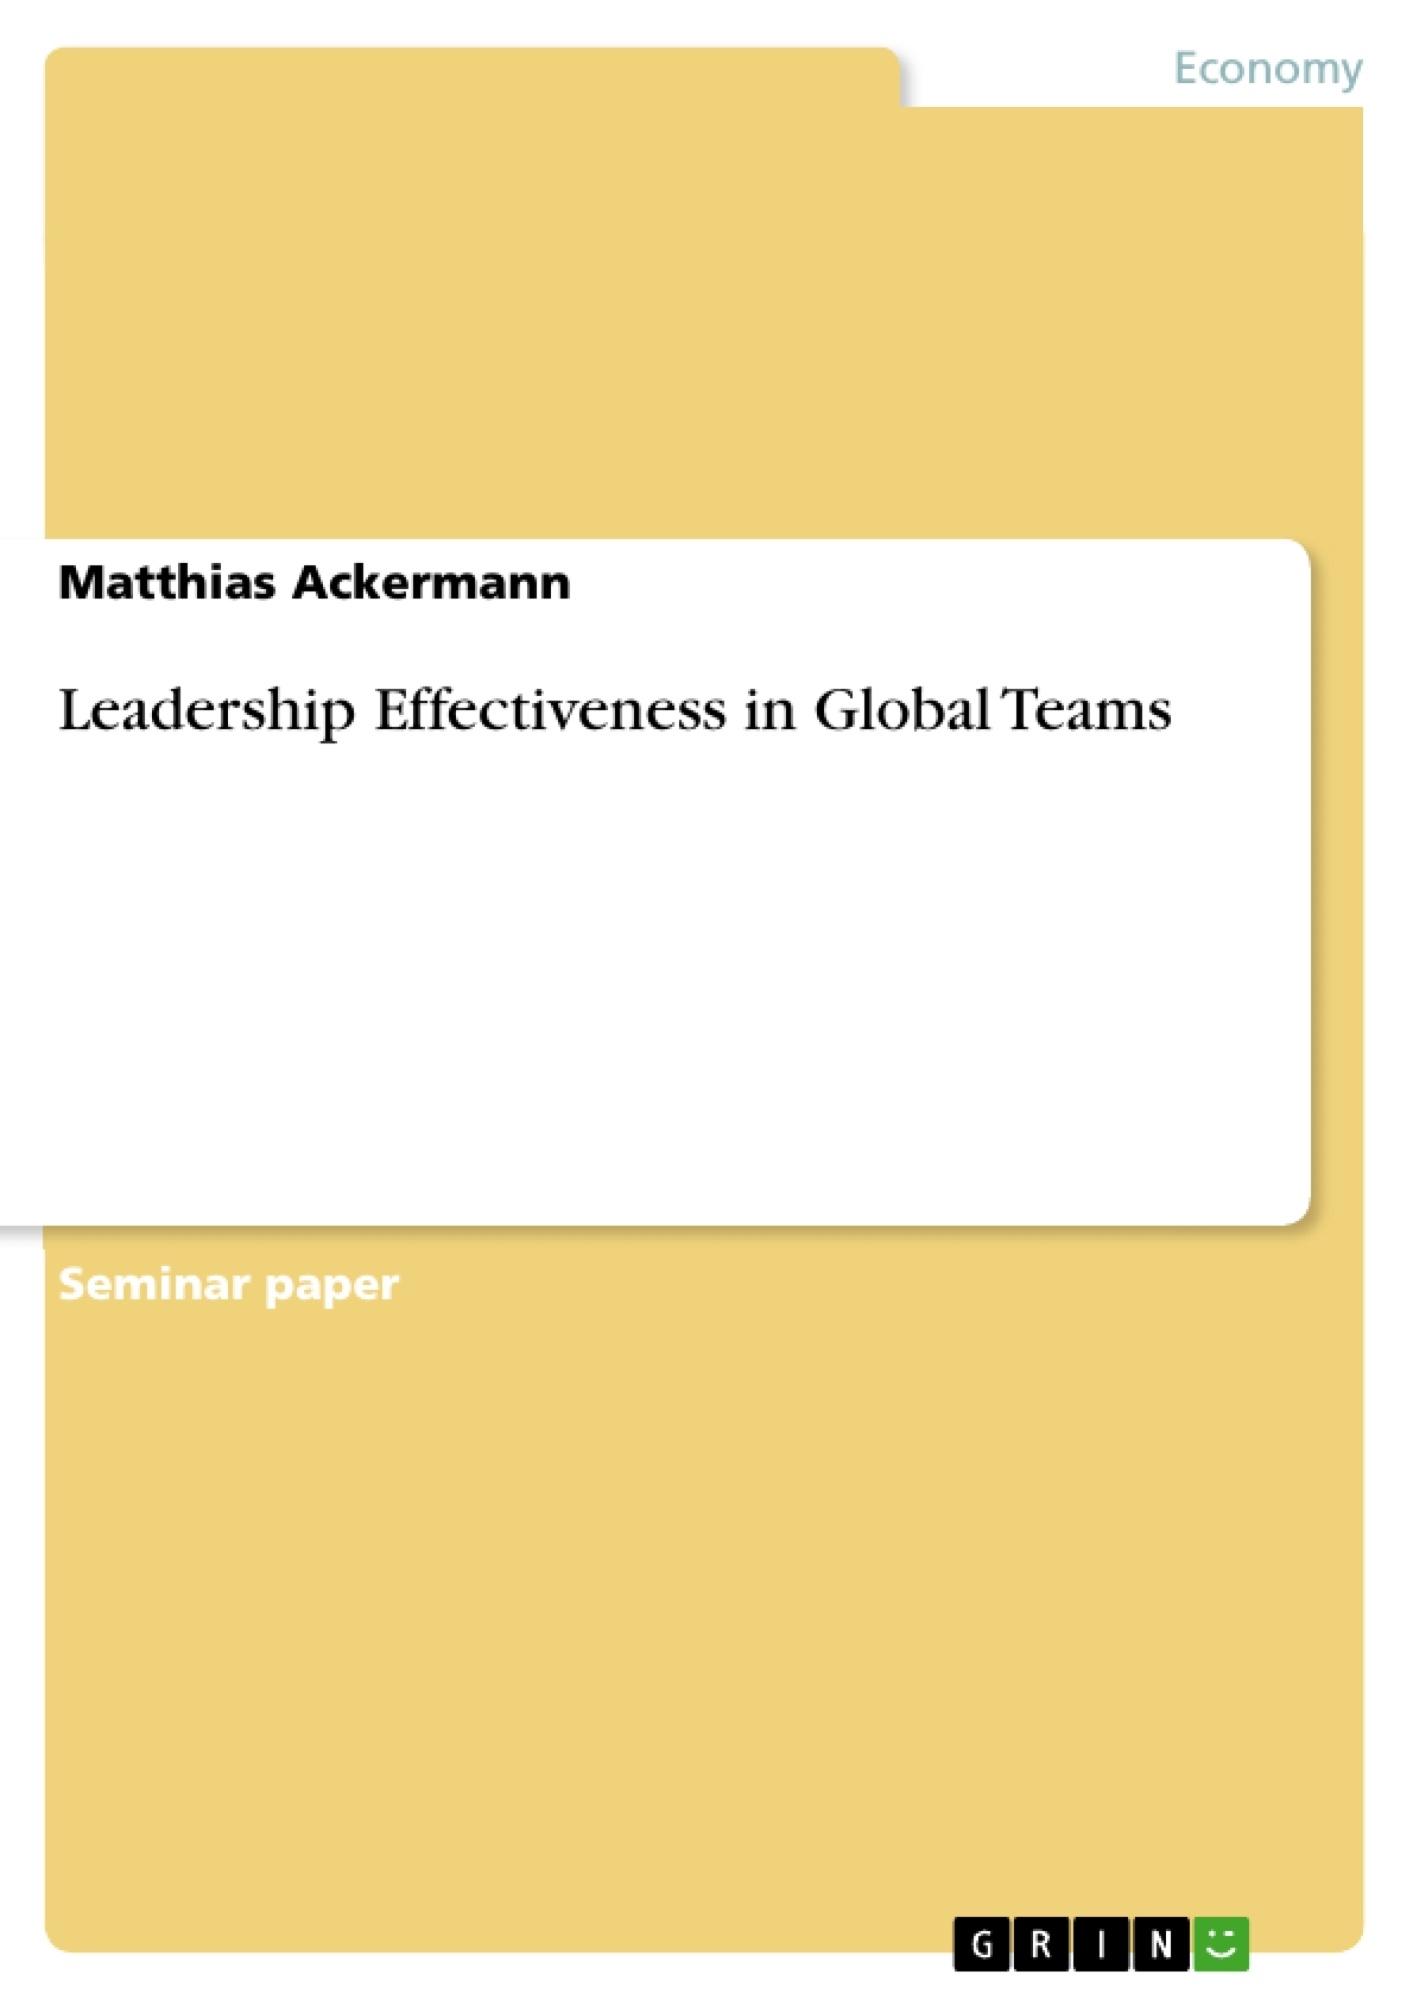 Title: Leadership Effectiveness in Global Teams